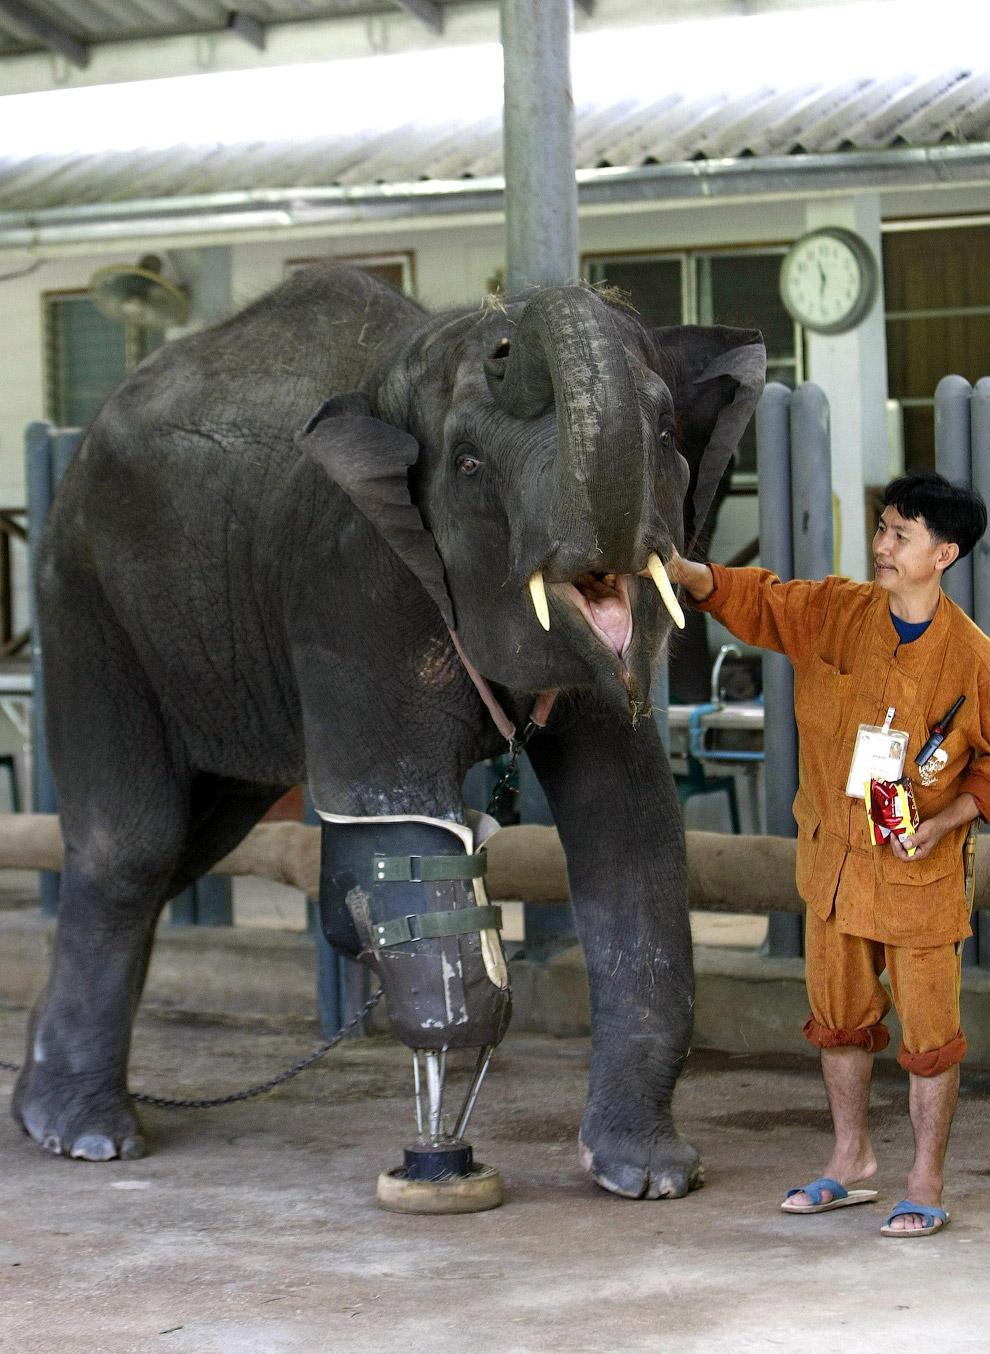 Слониха Моша потеряла свою ногу, наступив на мину на границе Таиланда и Мьянмы в 2006 году